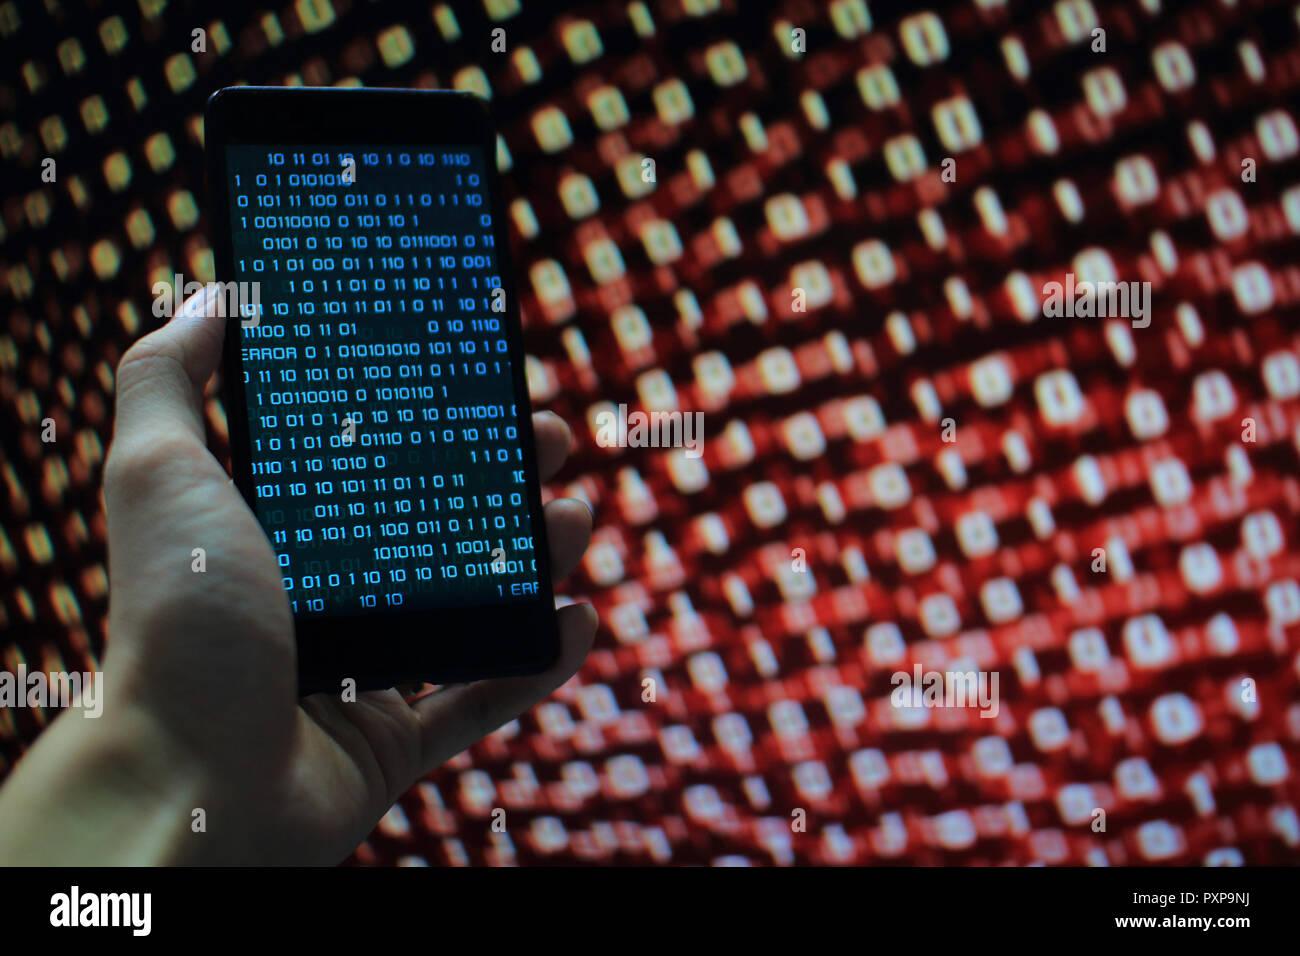 Fehlende Daten. Mehrere Schicht von Informationen auf mobilen Bildschirm einige fehlende von Bildschirm und Fehler aufgetreten. Der binäre Code auf Handy und PC-Bildschirm Stockbild